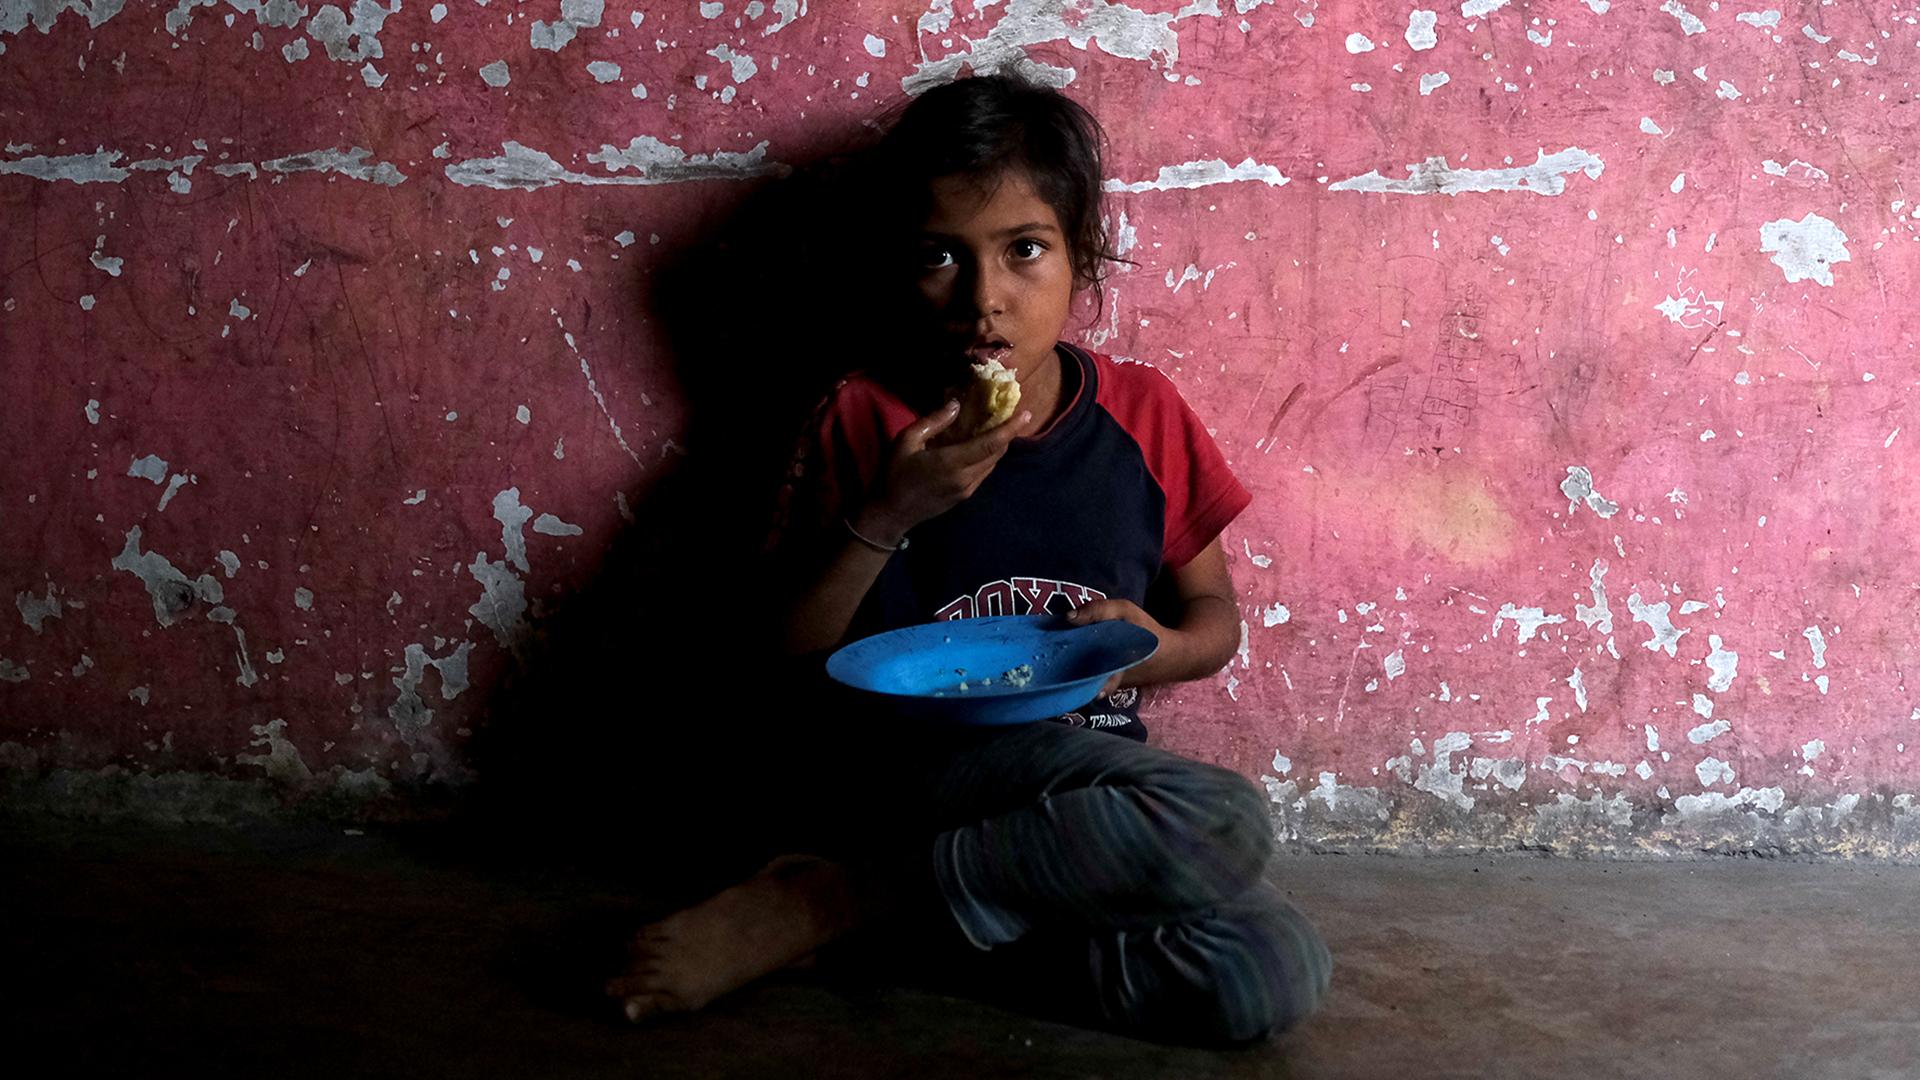 Yinmari Colmenares come en su casa en el oeste del estado venezolano de Lara. Los médicos le advirtieron a su madre que tiene bajo peso para su edad (Reuters)